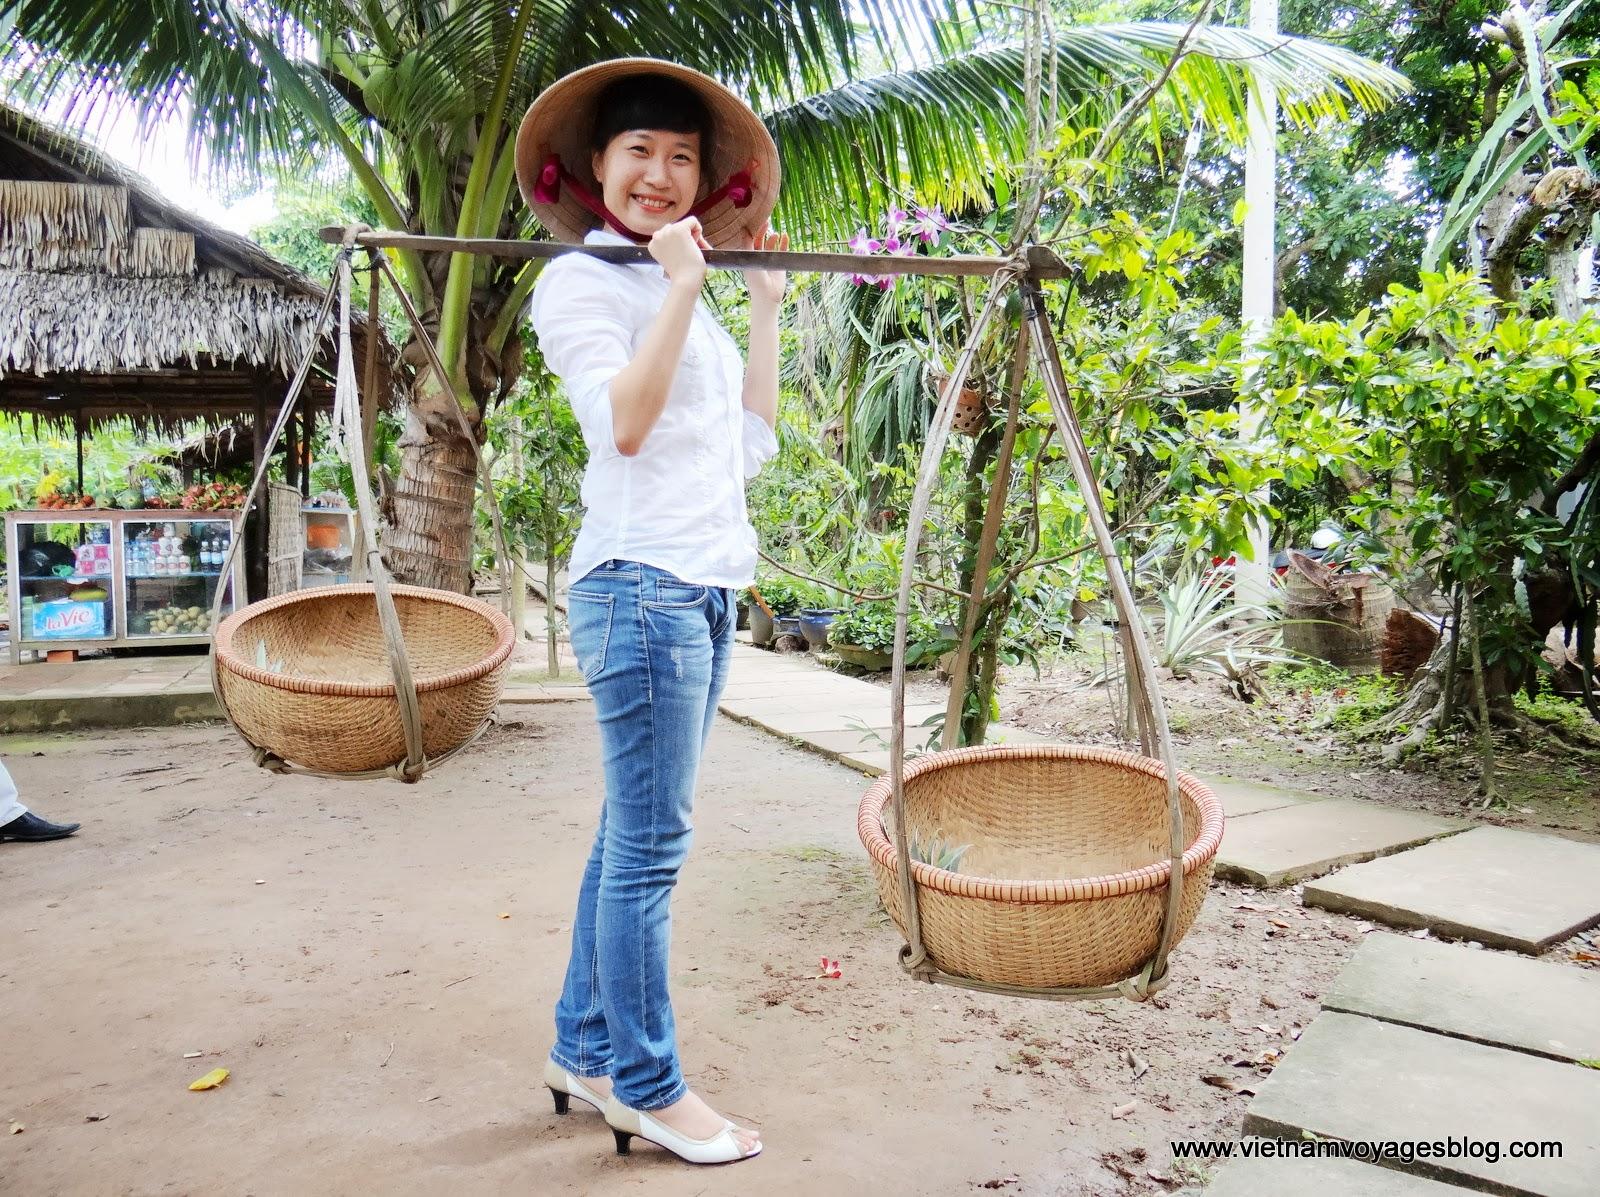 Cty Hành Trình Việt khảo sát tuyến Mekong, Trà Vinh 2013